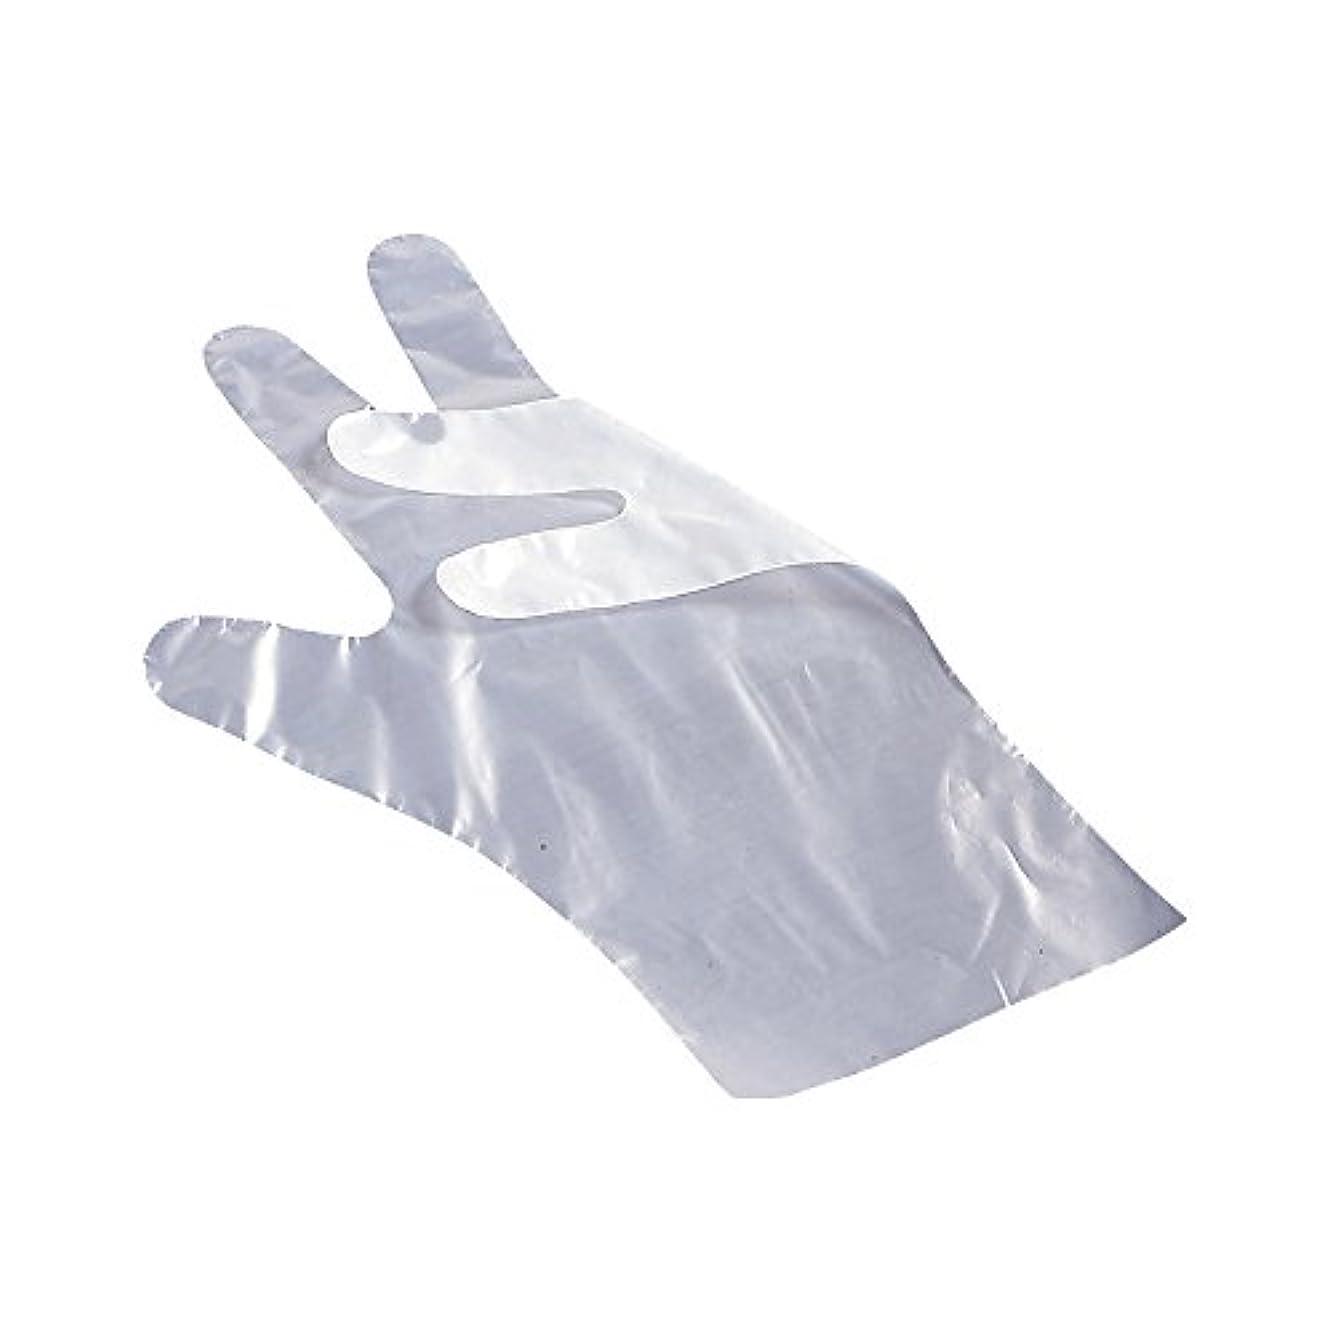 バー本当に証明サクラメンポリエチレン手袋 エコノミー強力 A 200枚入 S